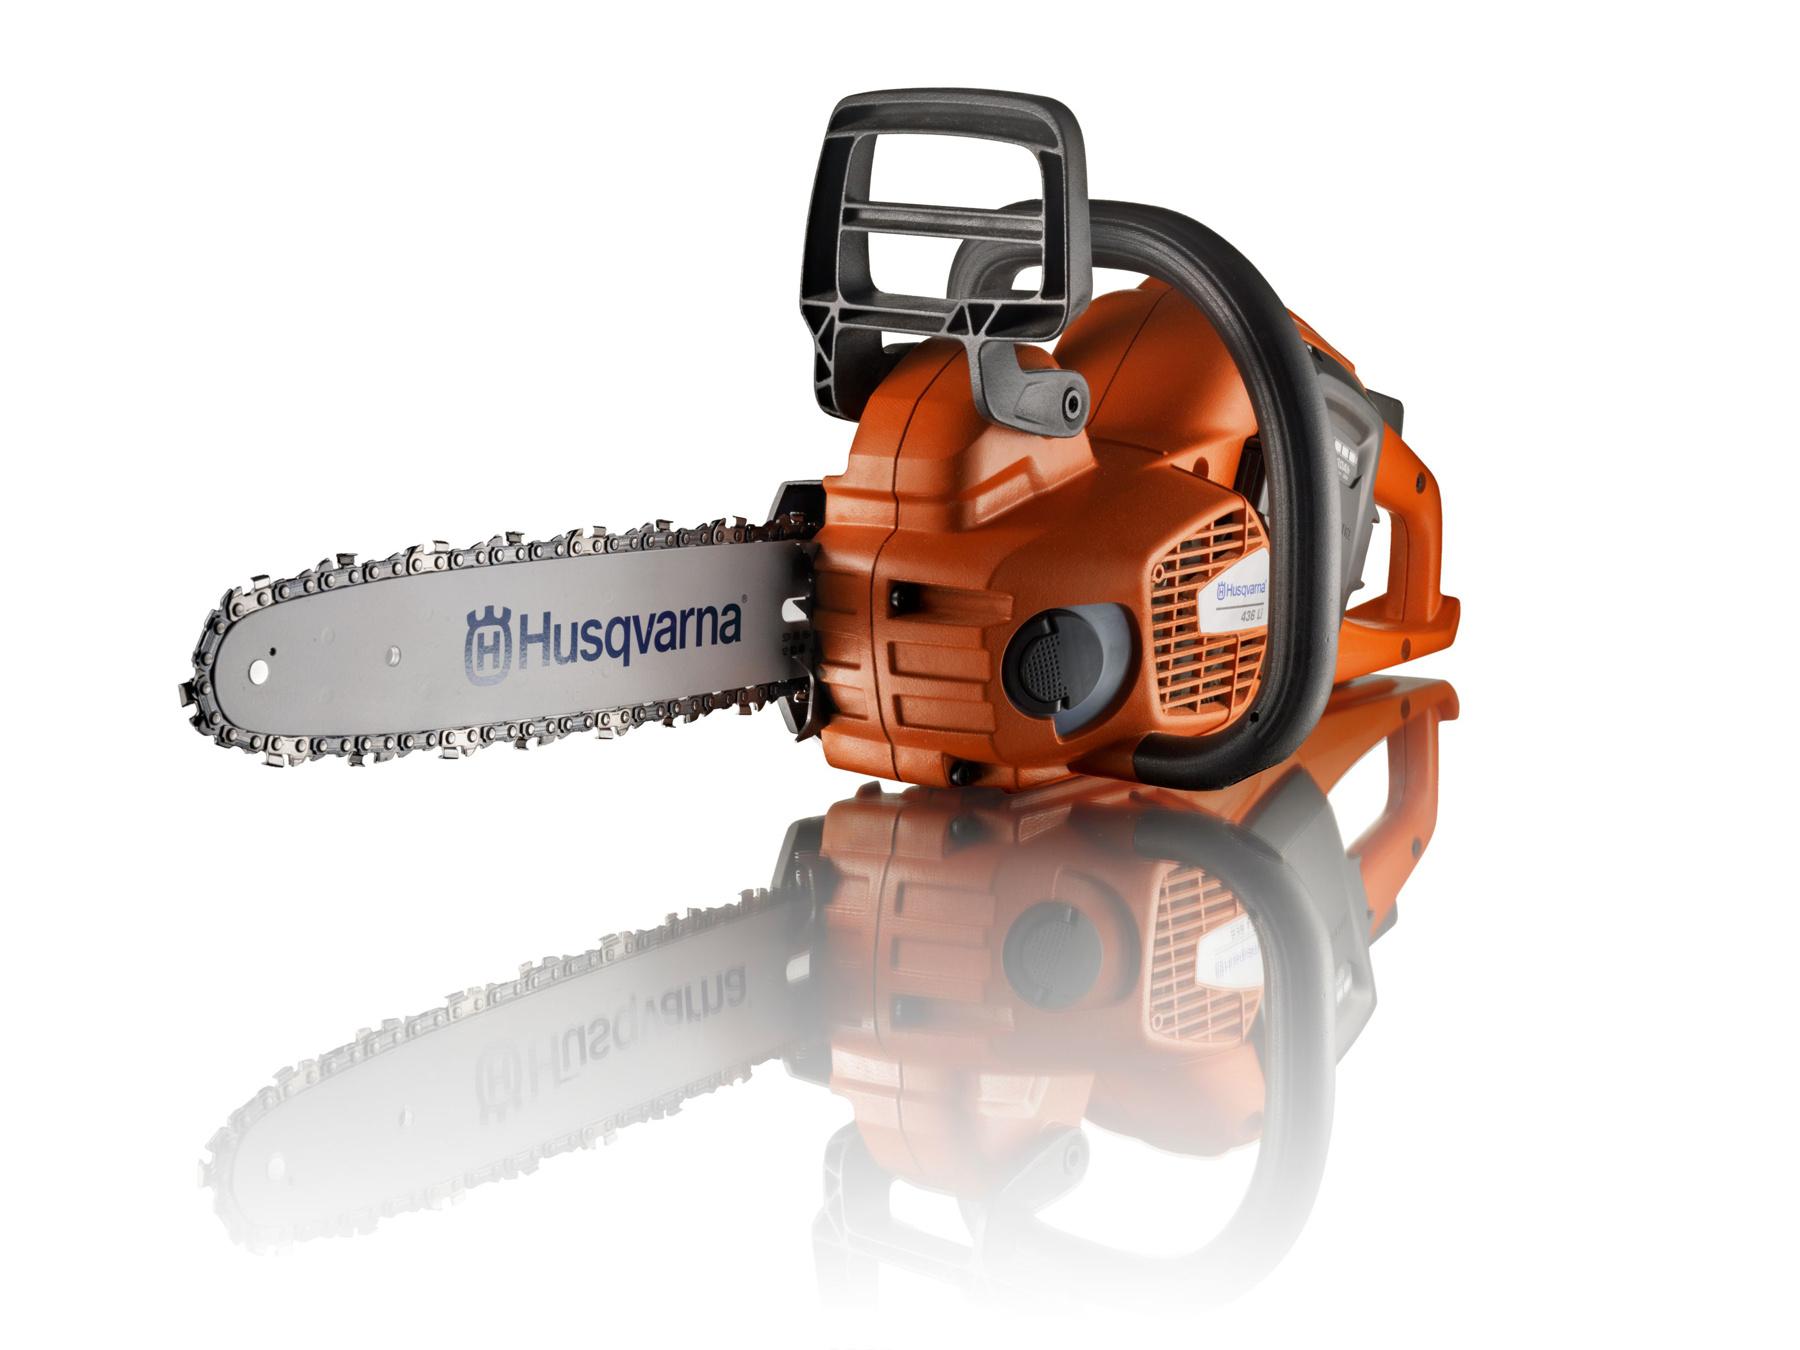 Z dôvodu vyššej bezpečnosti sú akumulátorové píly Husqvarna vybavené praktickou automatickou poistkou, ktorá pílu sama vypne, ak sa s ňou dlhšie nepracuje.